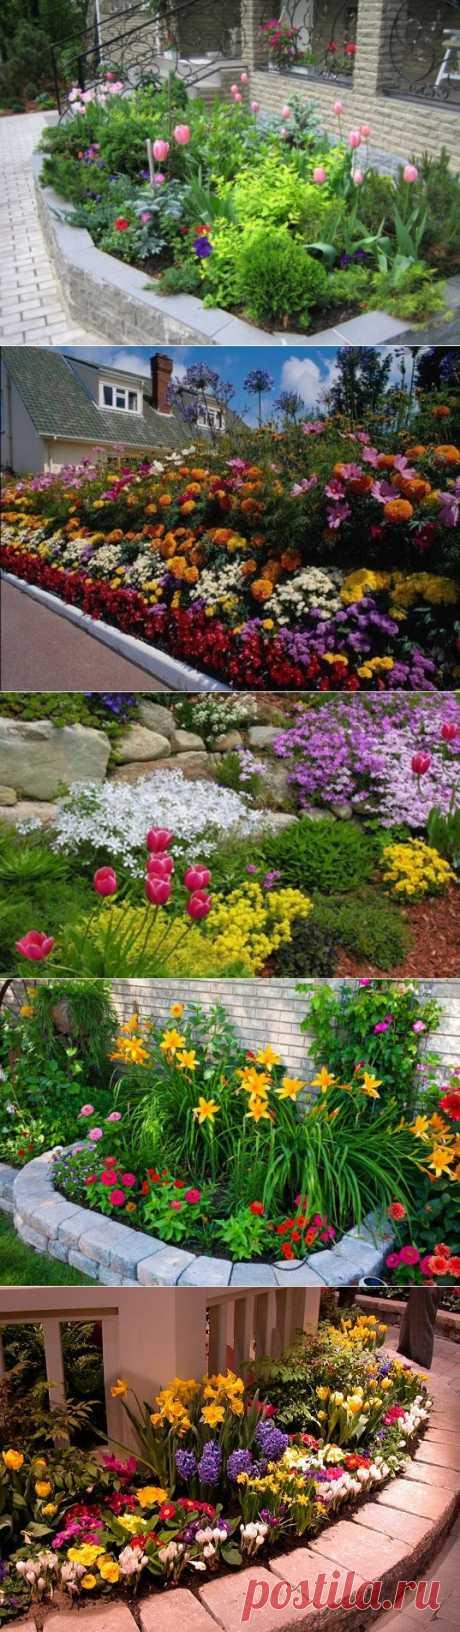 Цветники с принципом непрерывного цветения | Дача и Ландшафтный дизайн